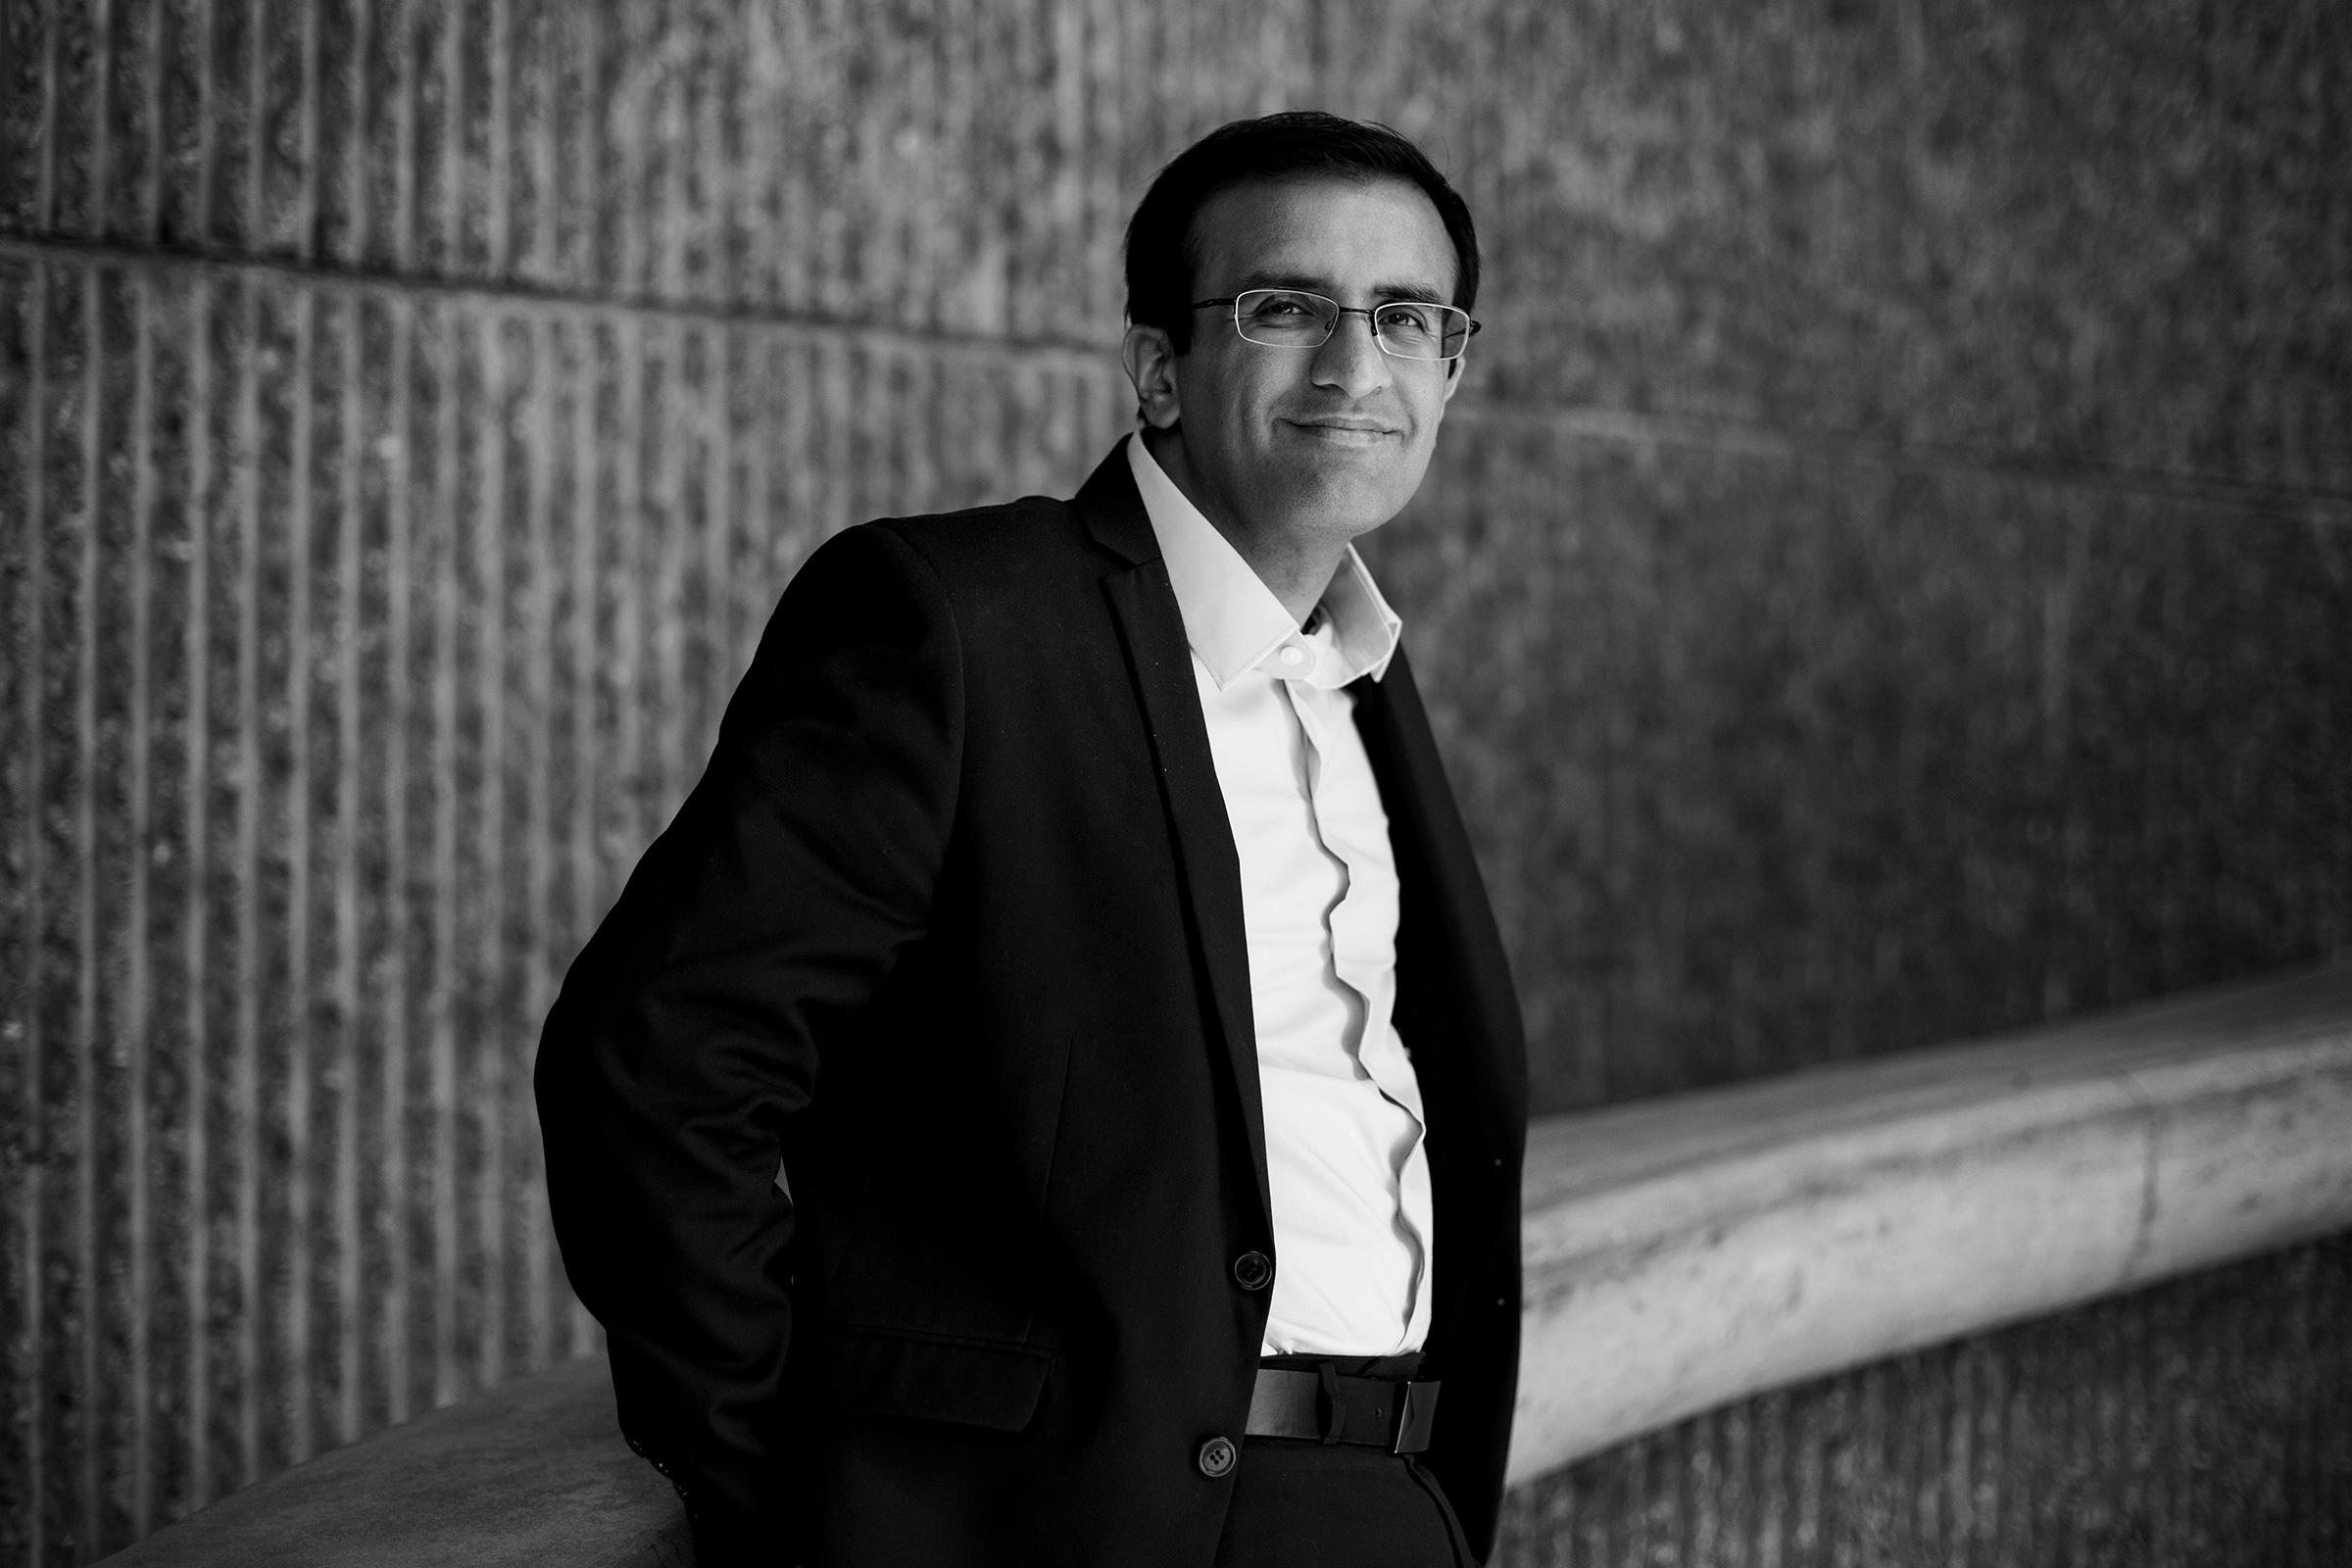 Dr. Raj Panjabi